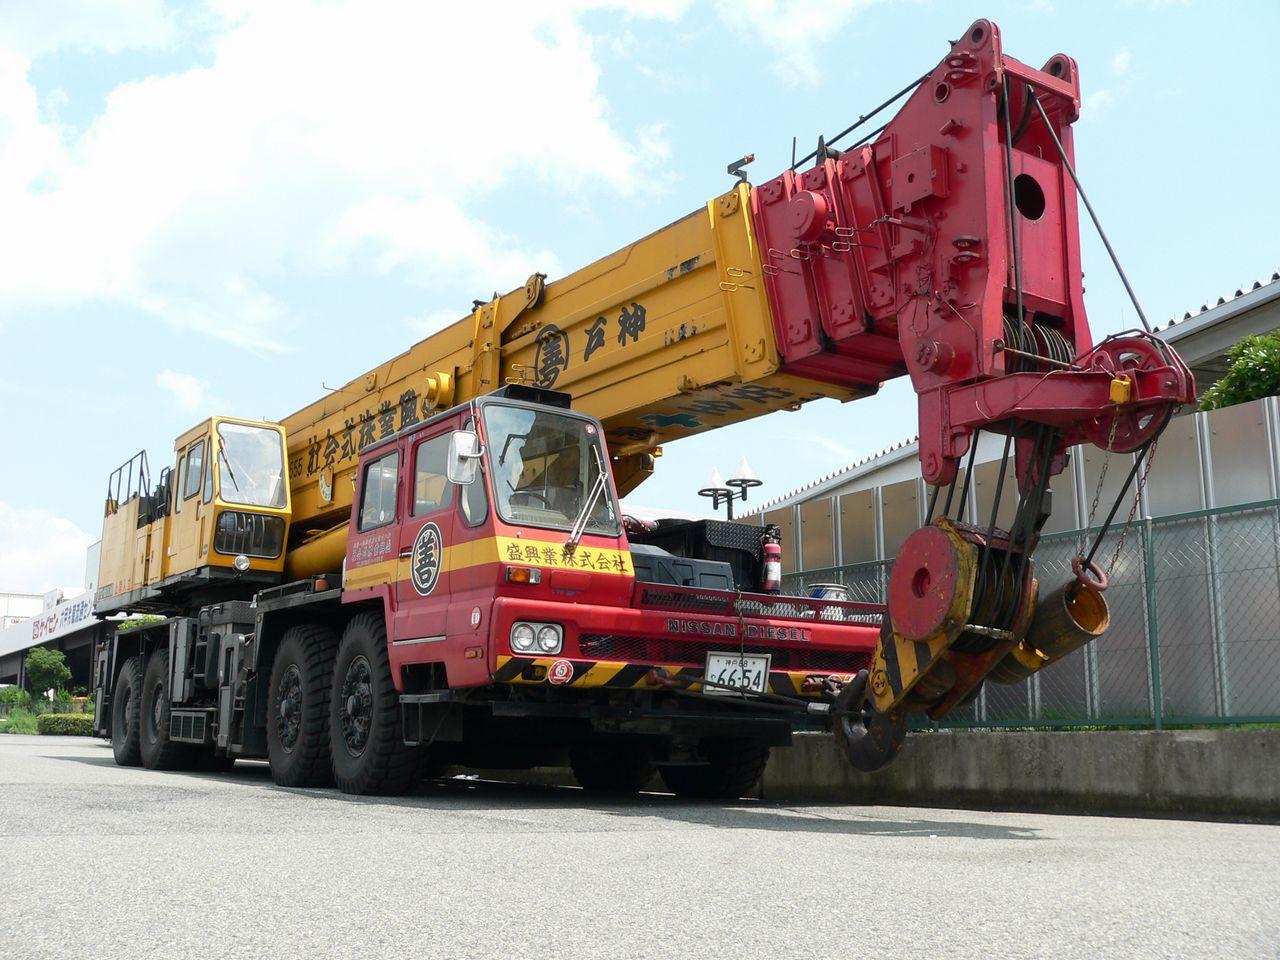 جرثقیل 160 تن تادانو – Tadano TG-1600M